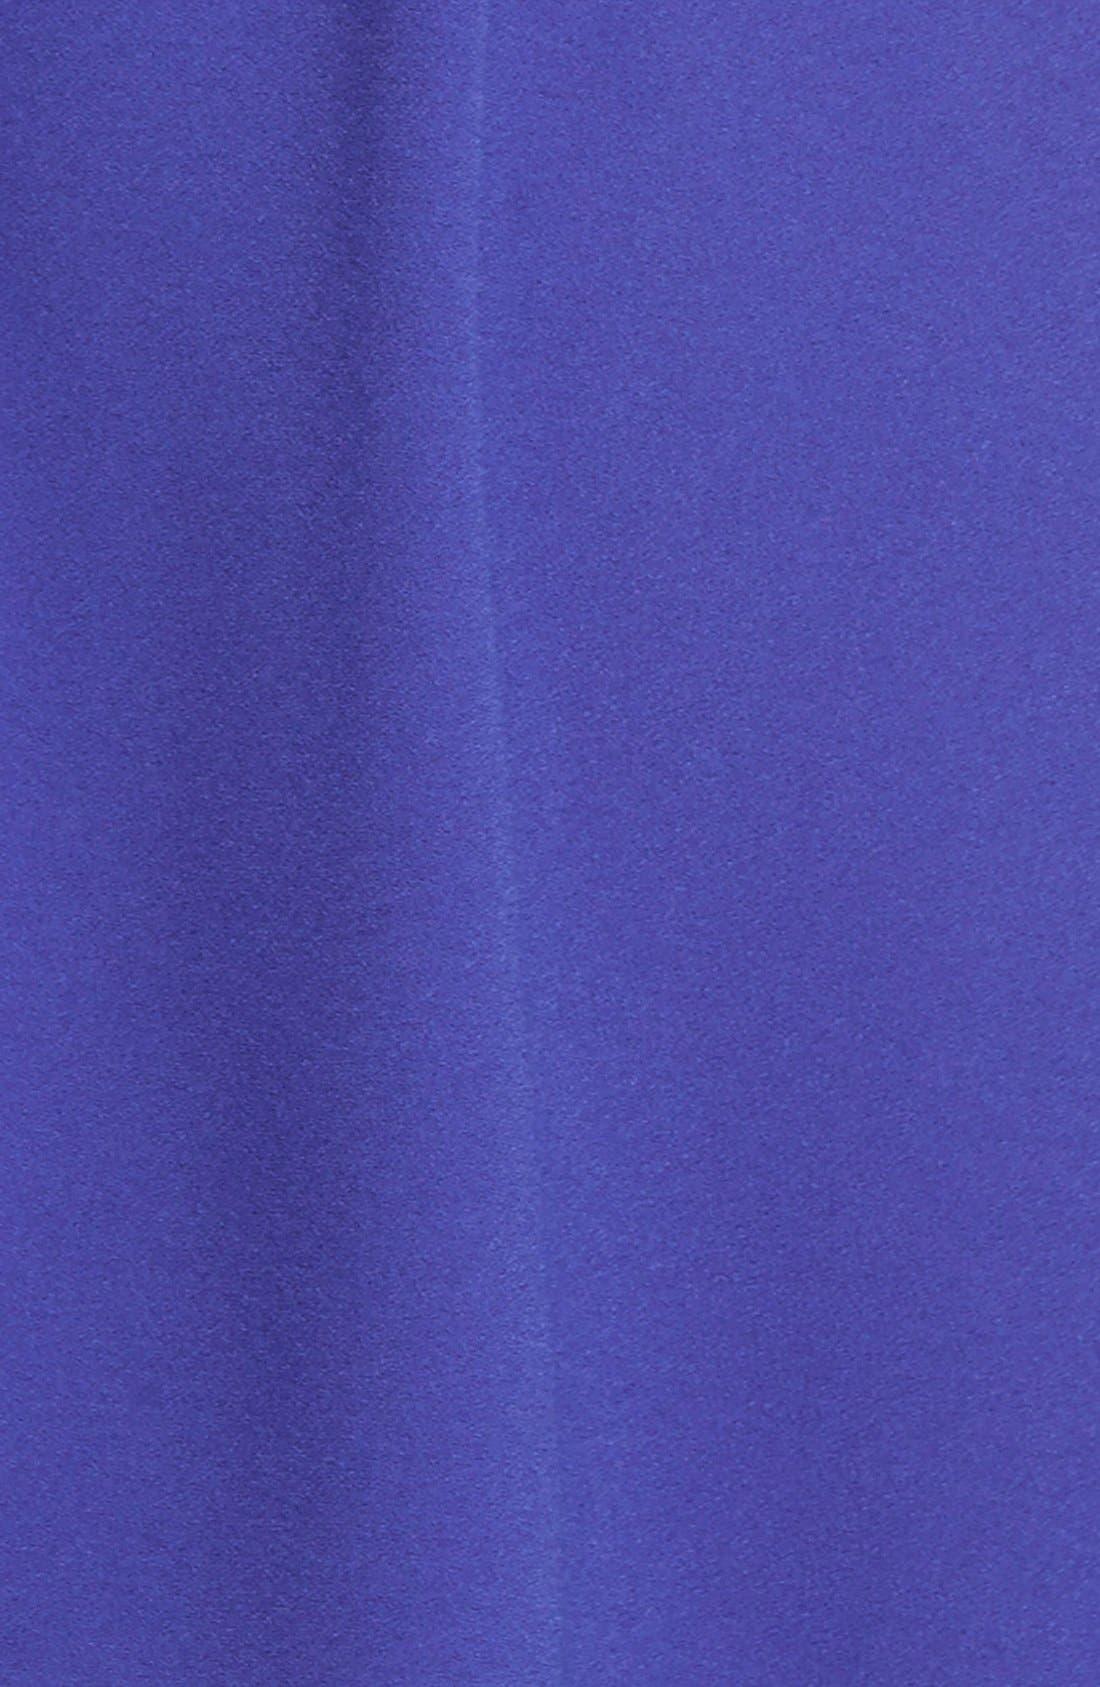 Wrap Front Dress,                             Alternate thumbnail 3, color,                             Blue Spectrum